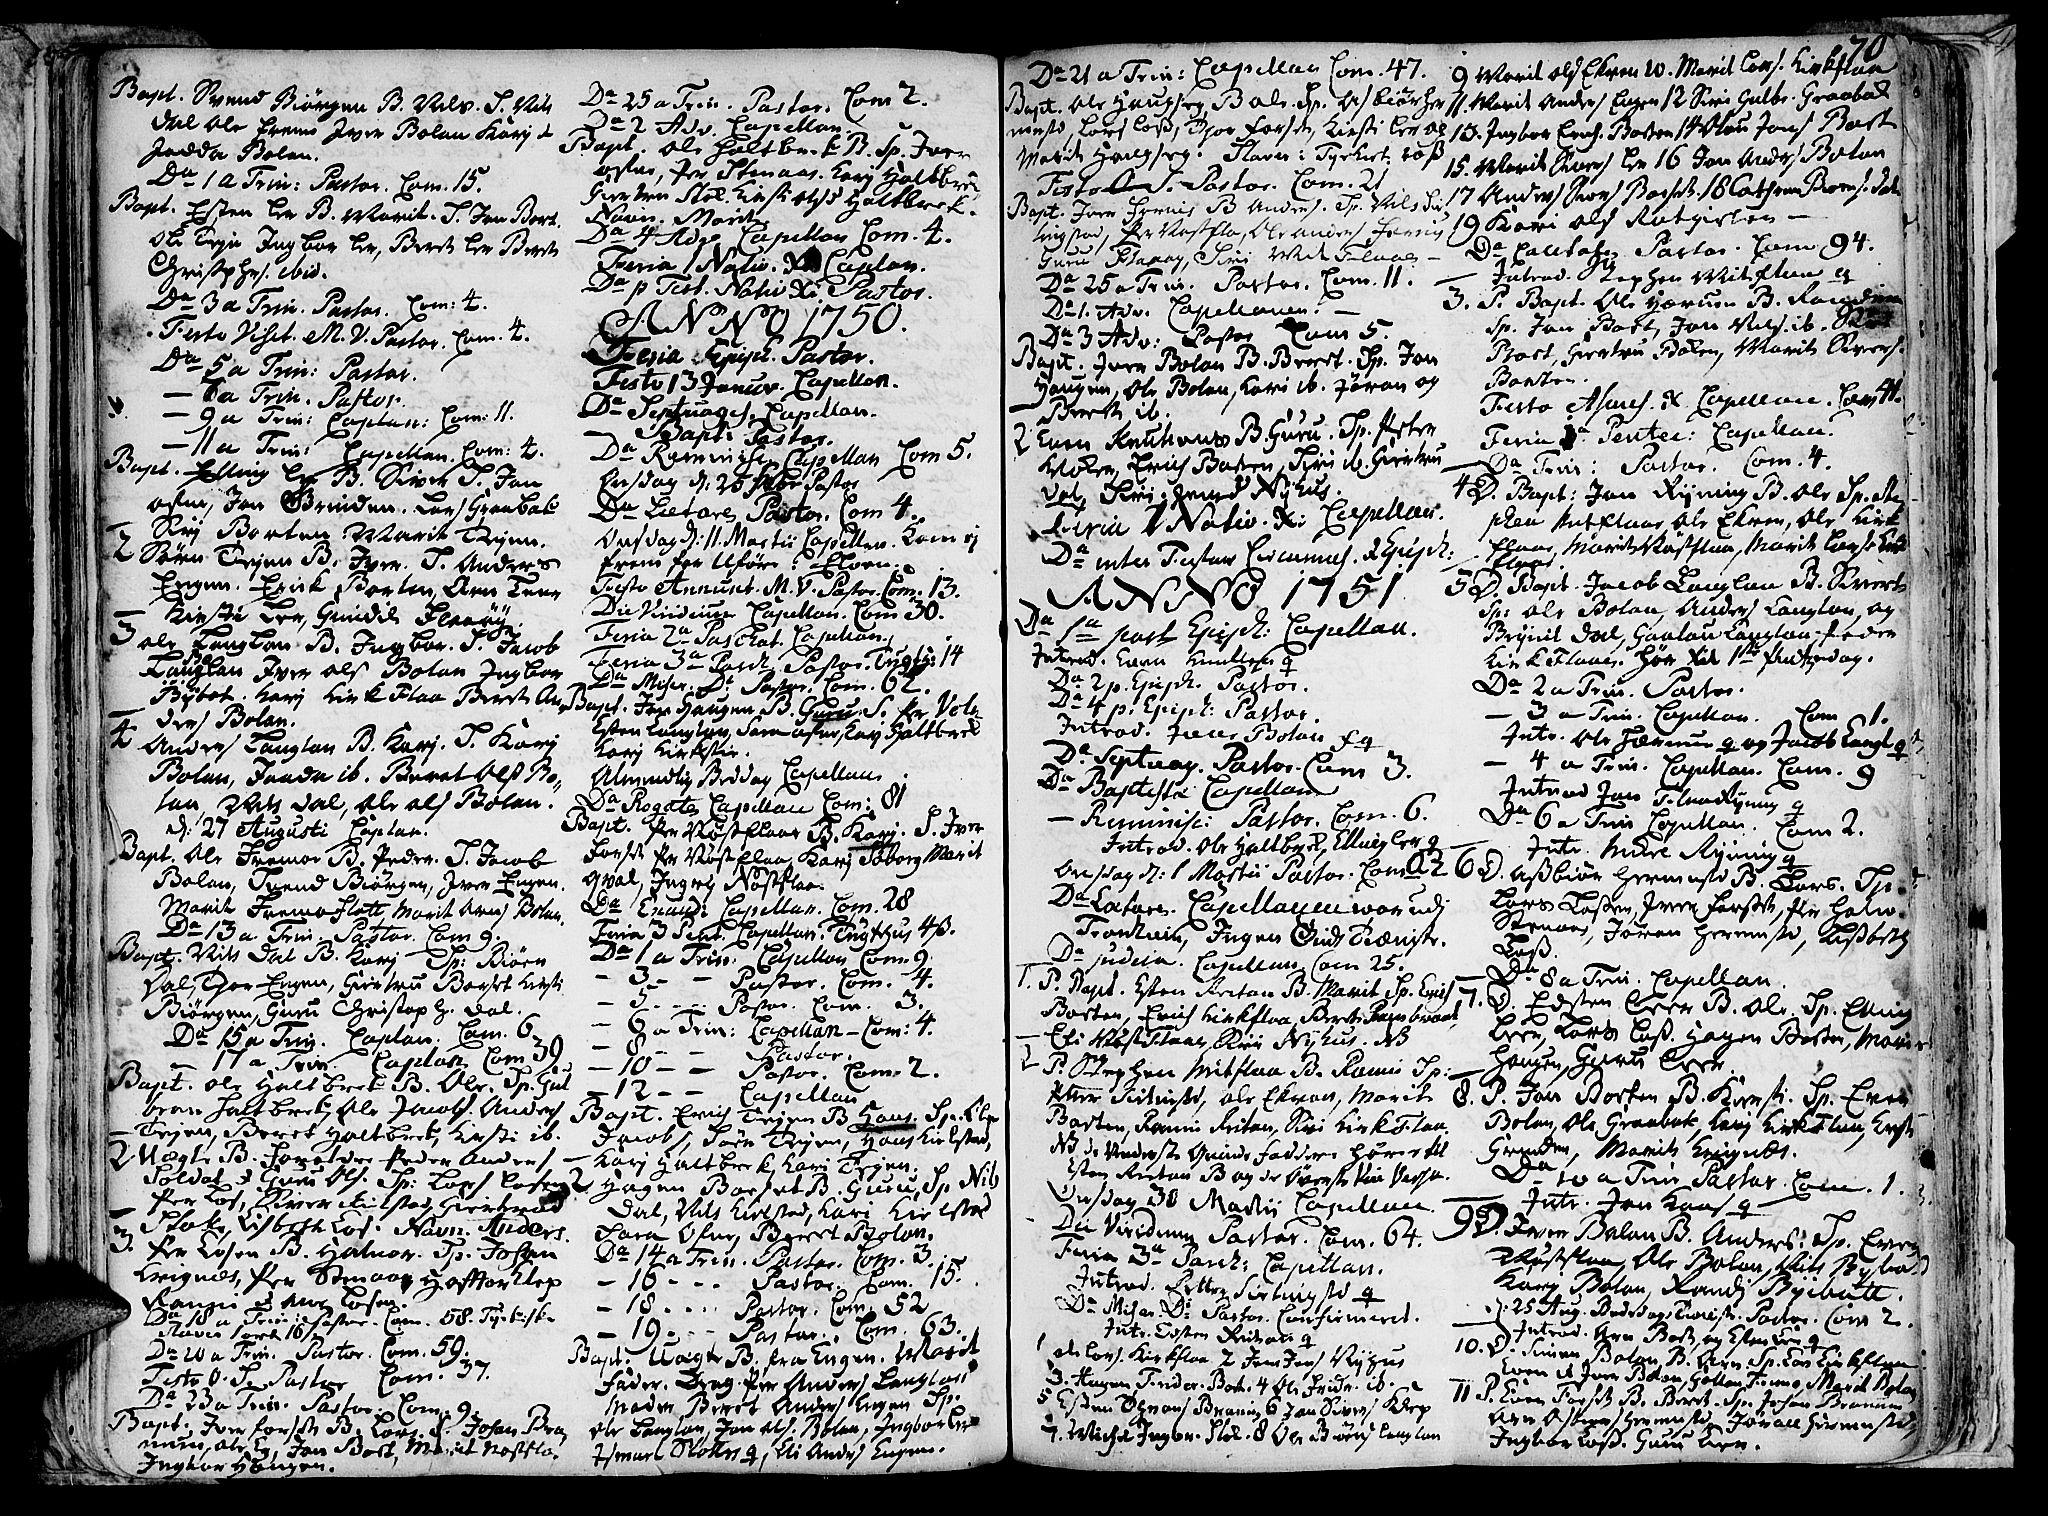 SAT, Ministerialprotokoller, klokkerbøker og fødselsregistre - Sør-Trøndelag, 691/L1058: Ministerialbok nr. 691A01 /2, 1740-1767, s. 70